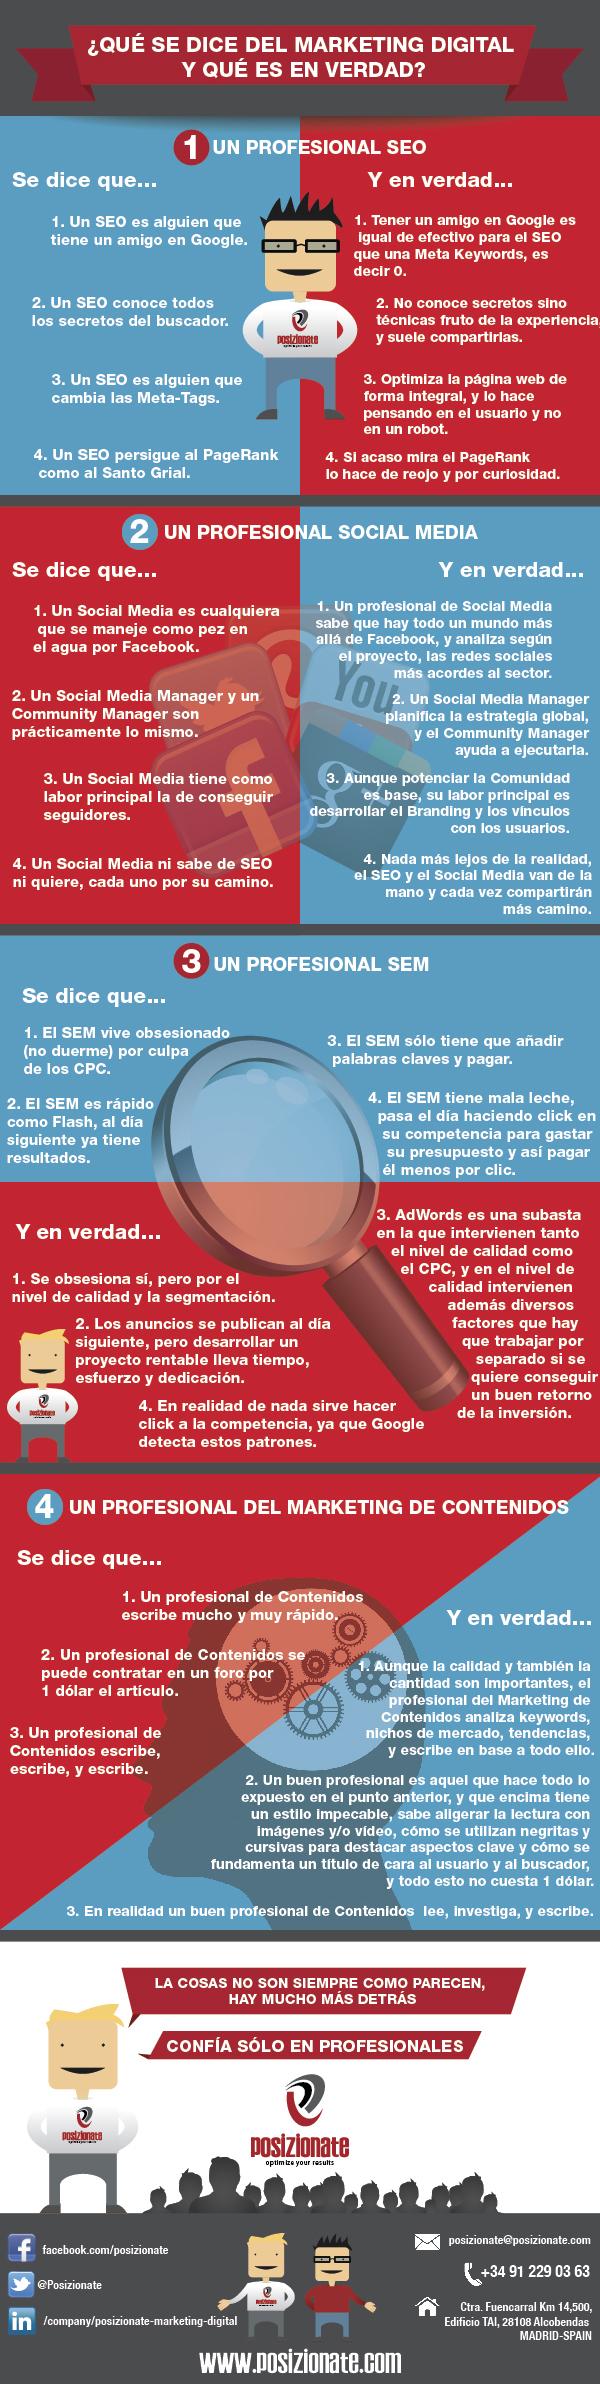 Marketing digital: qué se dice qué es y la realidad #infografia #infographic #marketing - TICs y Formación